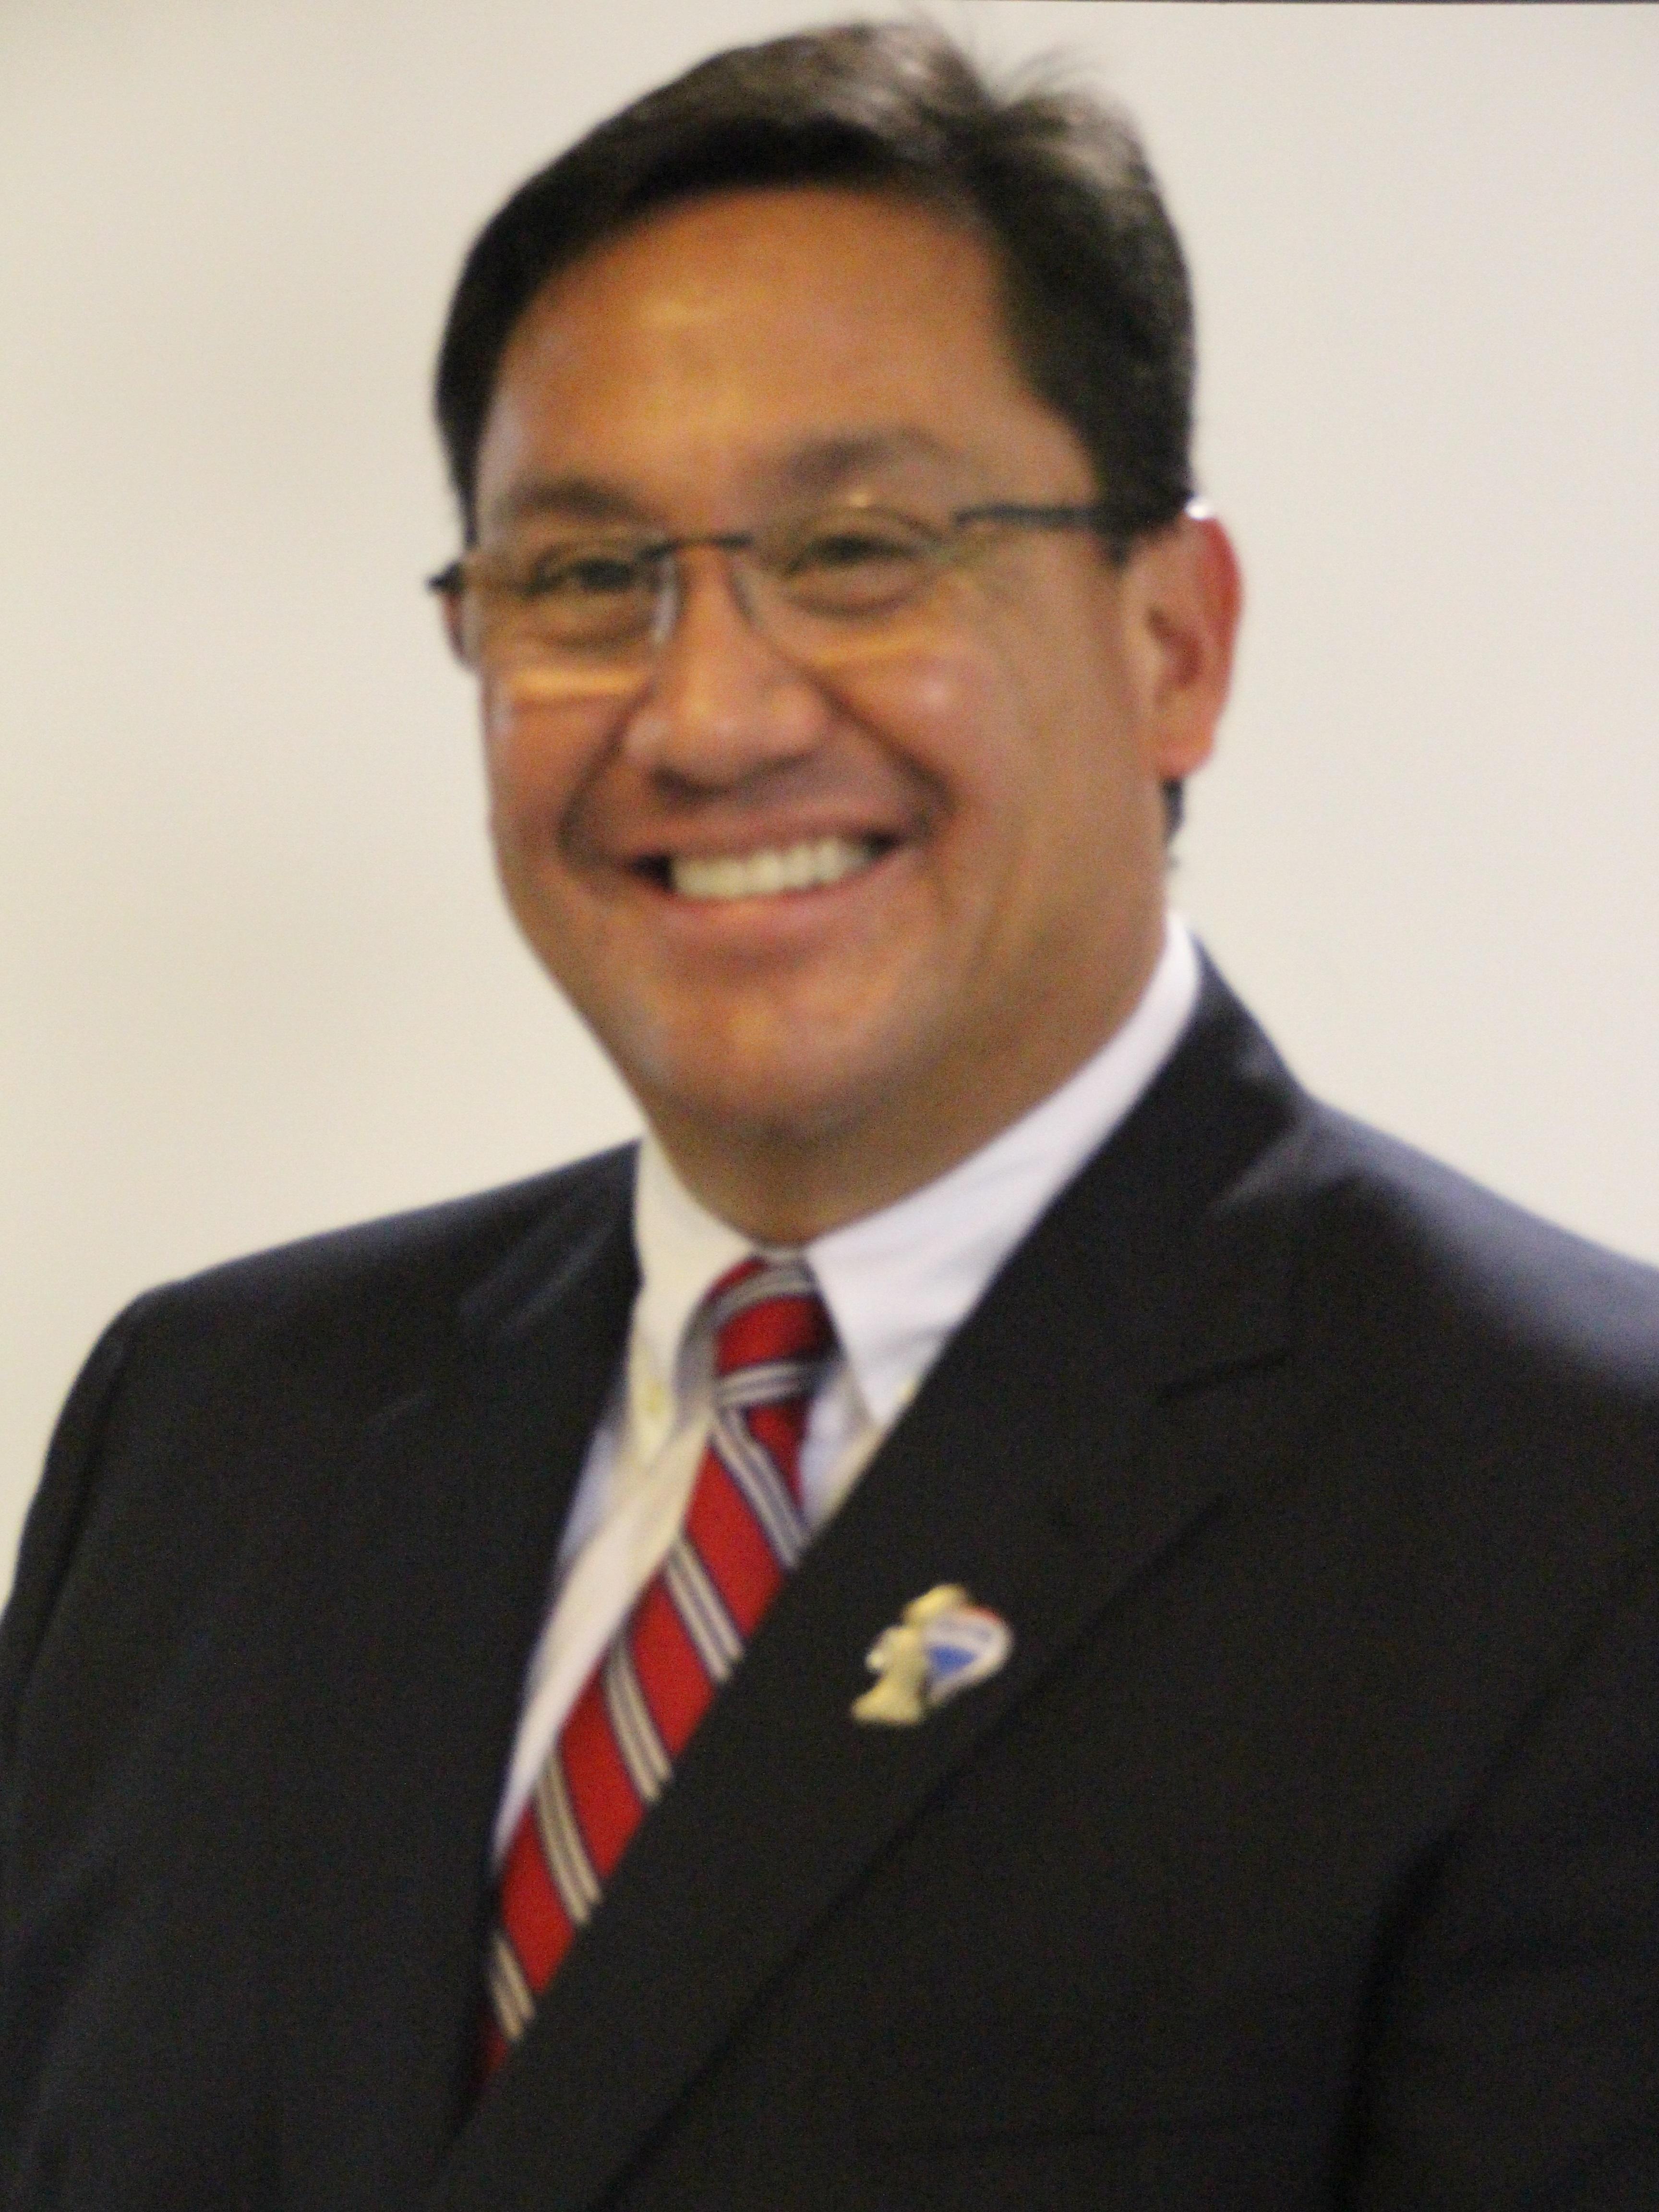 Eduardo Castaneda